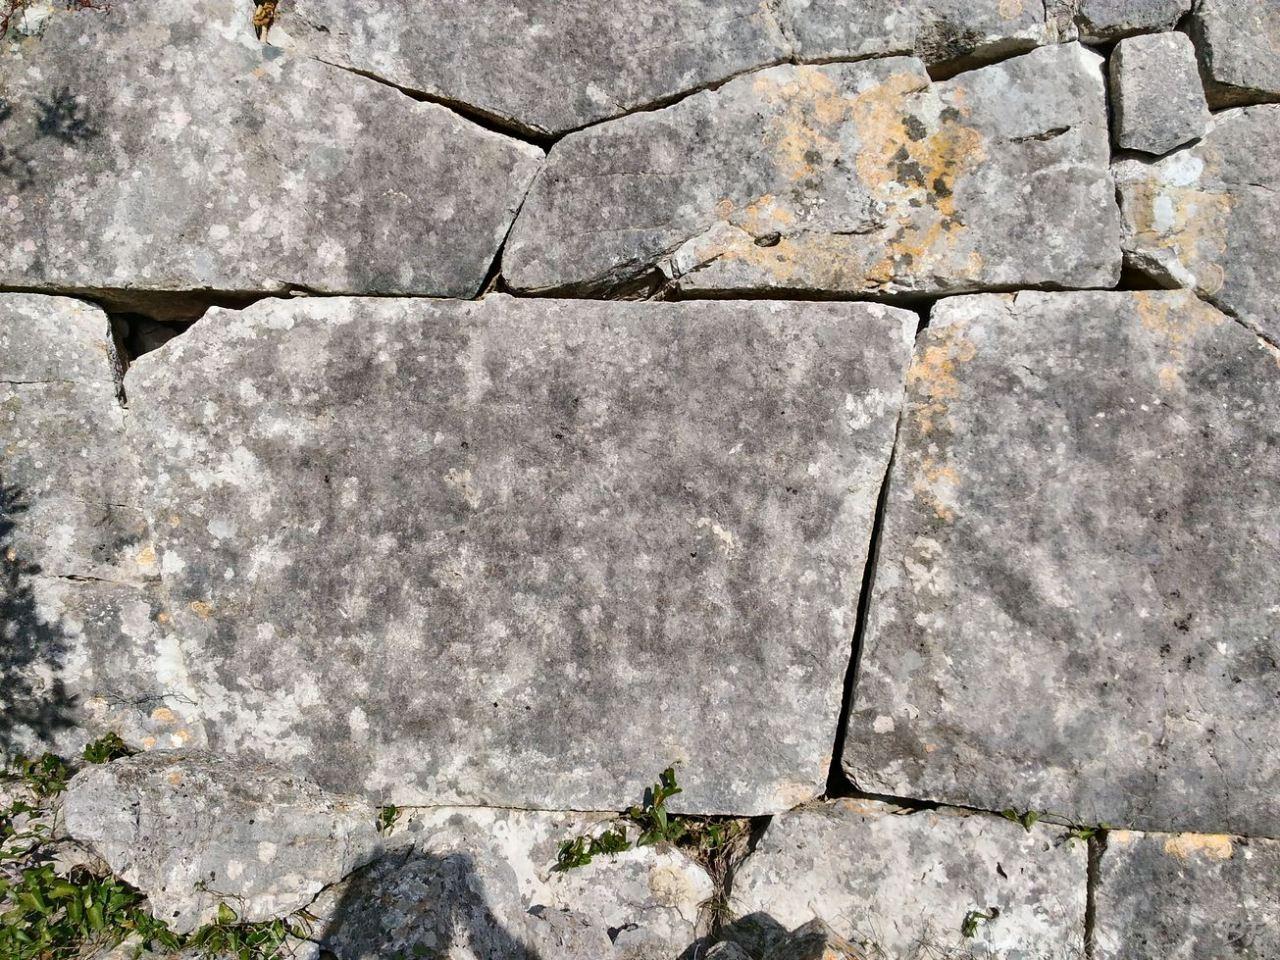 Circeii-Mura-Megalitiche-Poligonali-Latina-Lazio-Italia-34